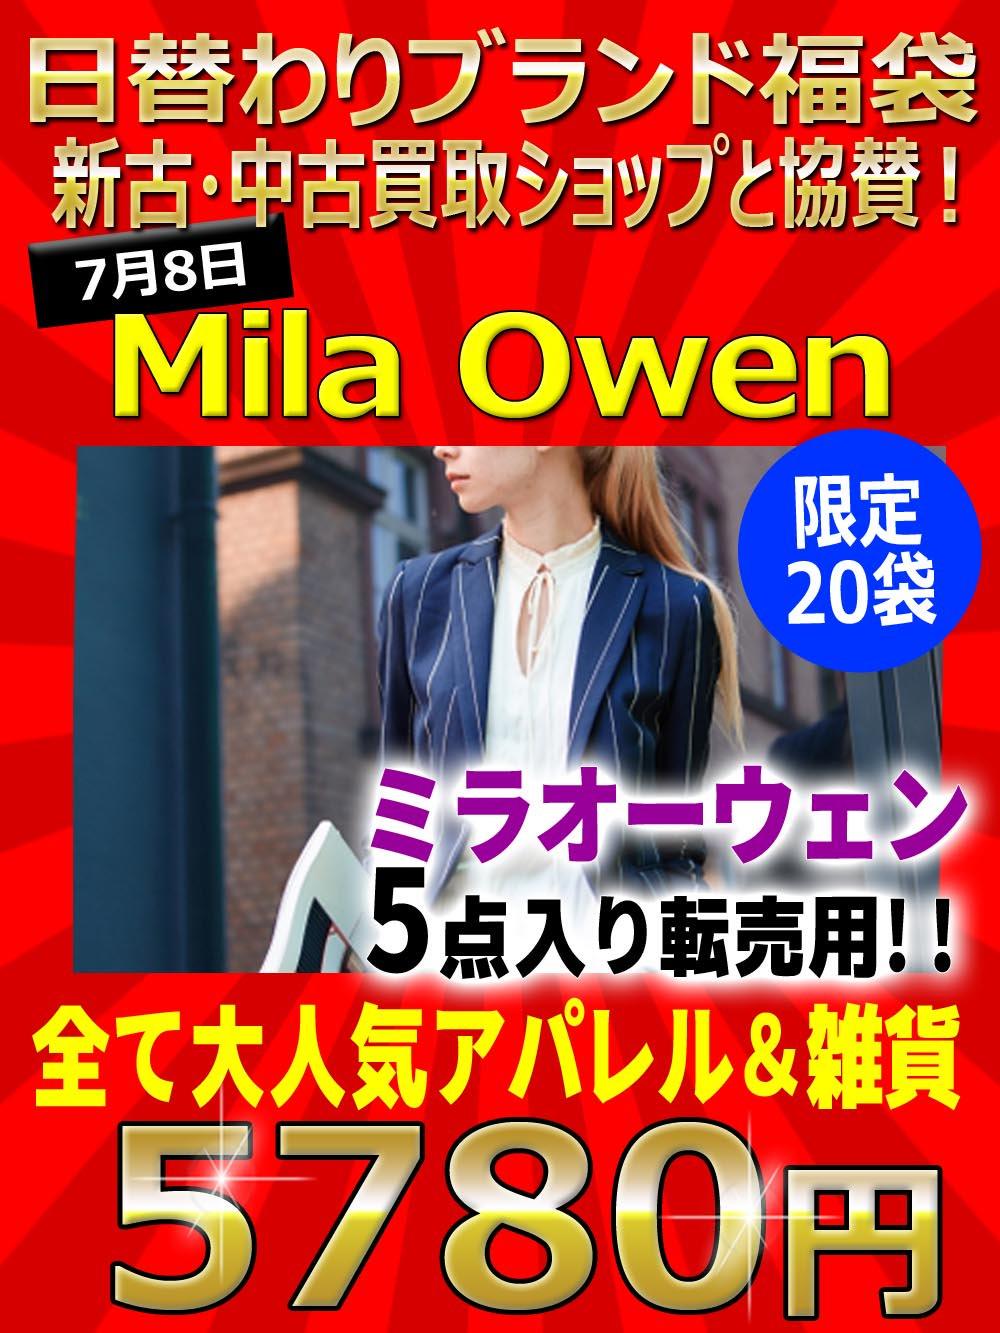 """限定14袋!日替わりブランド福袋!中古/新古ショップ協賛 """"Mila Owen""""【10点】5980円"""